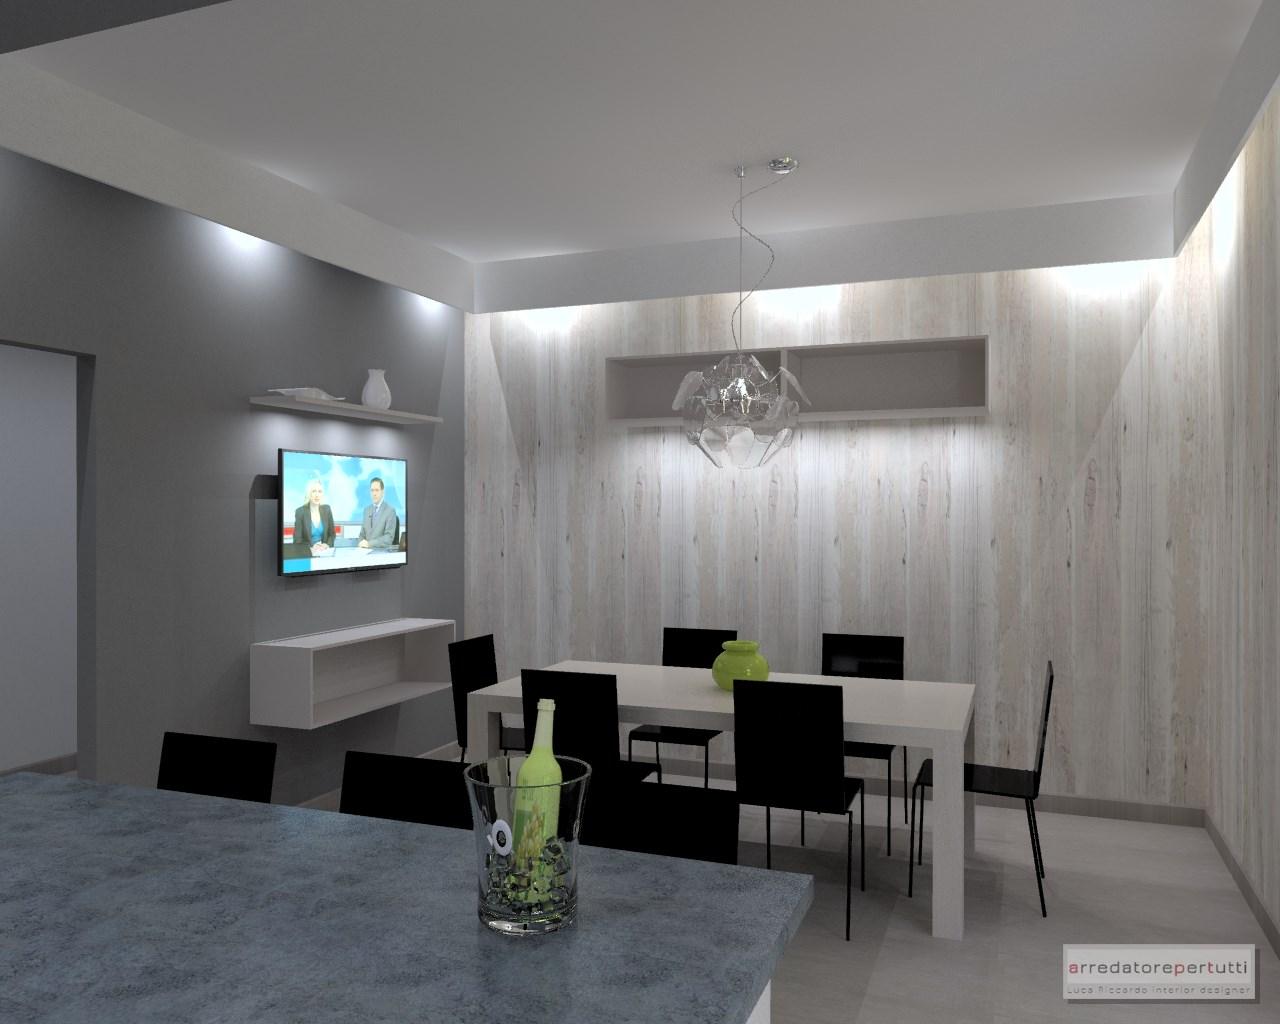 progettazione d 39 interni progettazione interni online